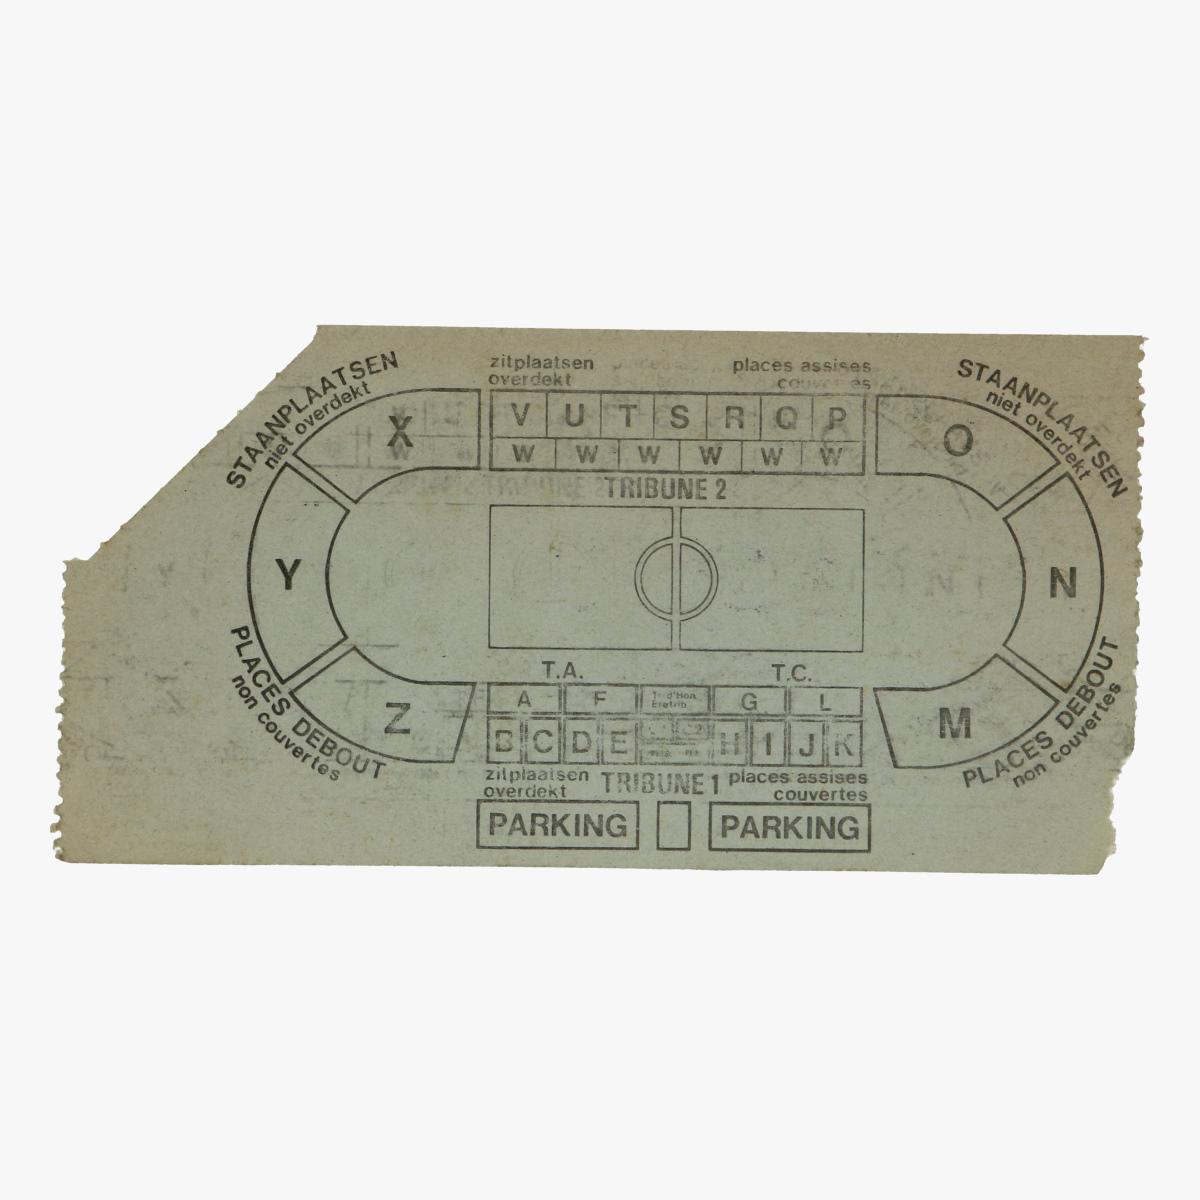 Afbeeldingen van voetbal ticket belgie schotland 15/12/82